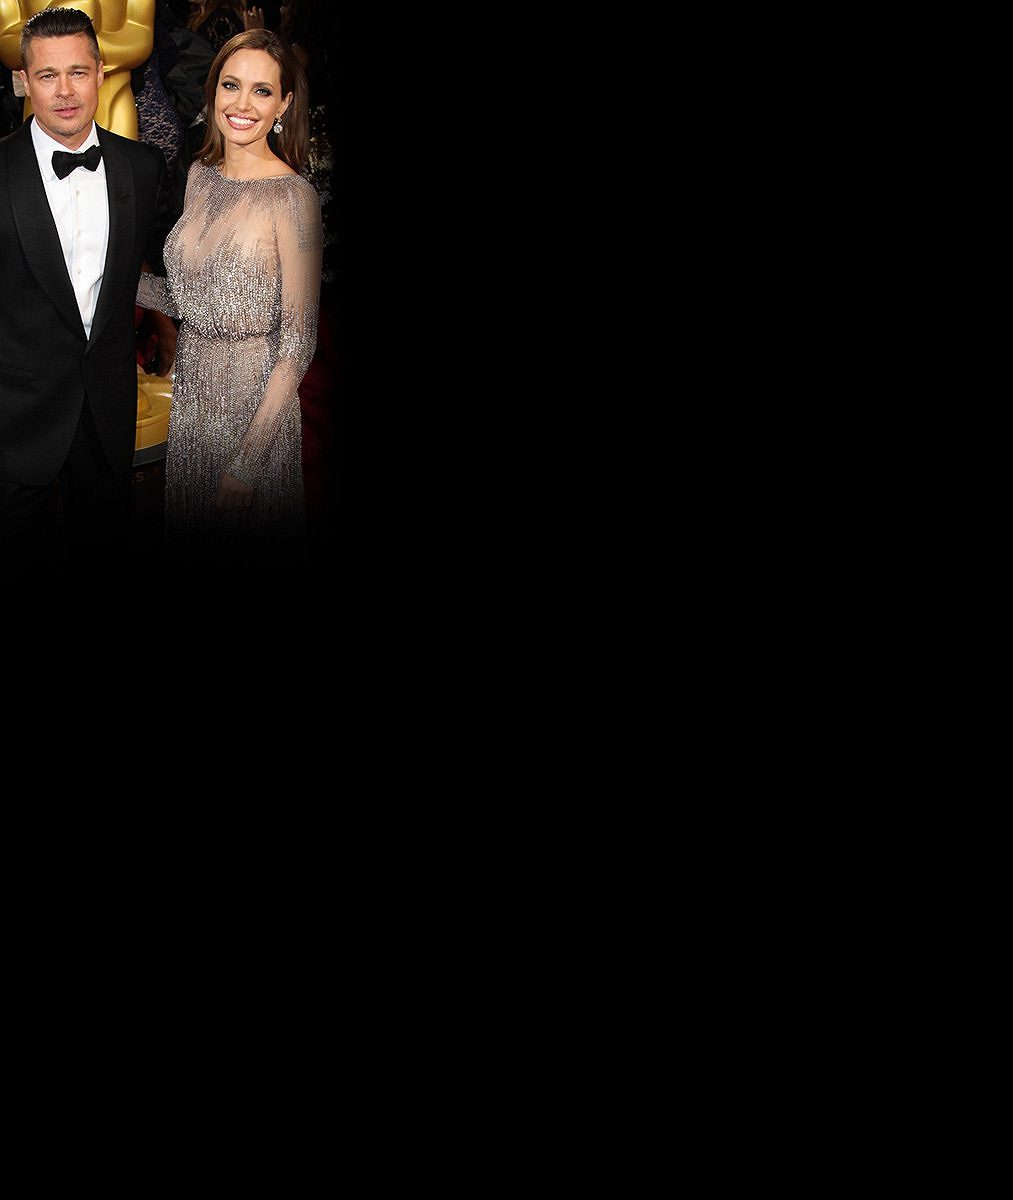 Nádhera: Novomanželský polibek Pitta a Jolie a její nejoriginálnější svatební šaty!